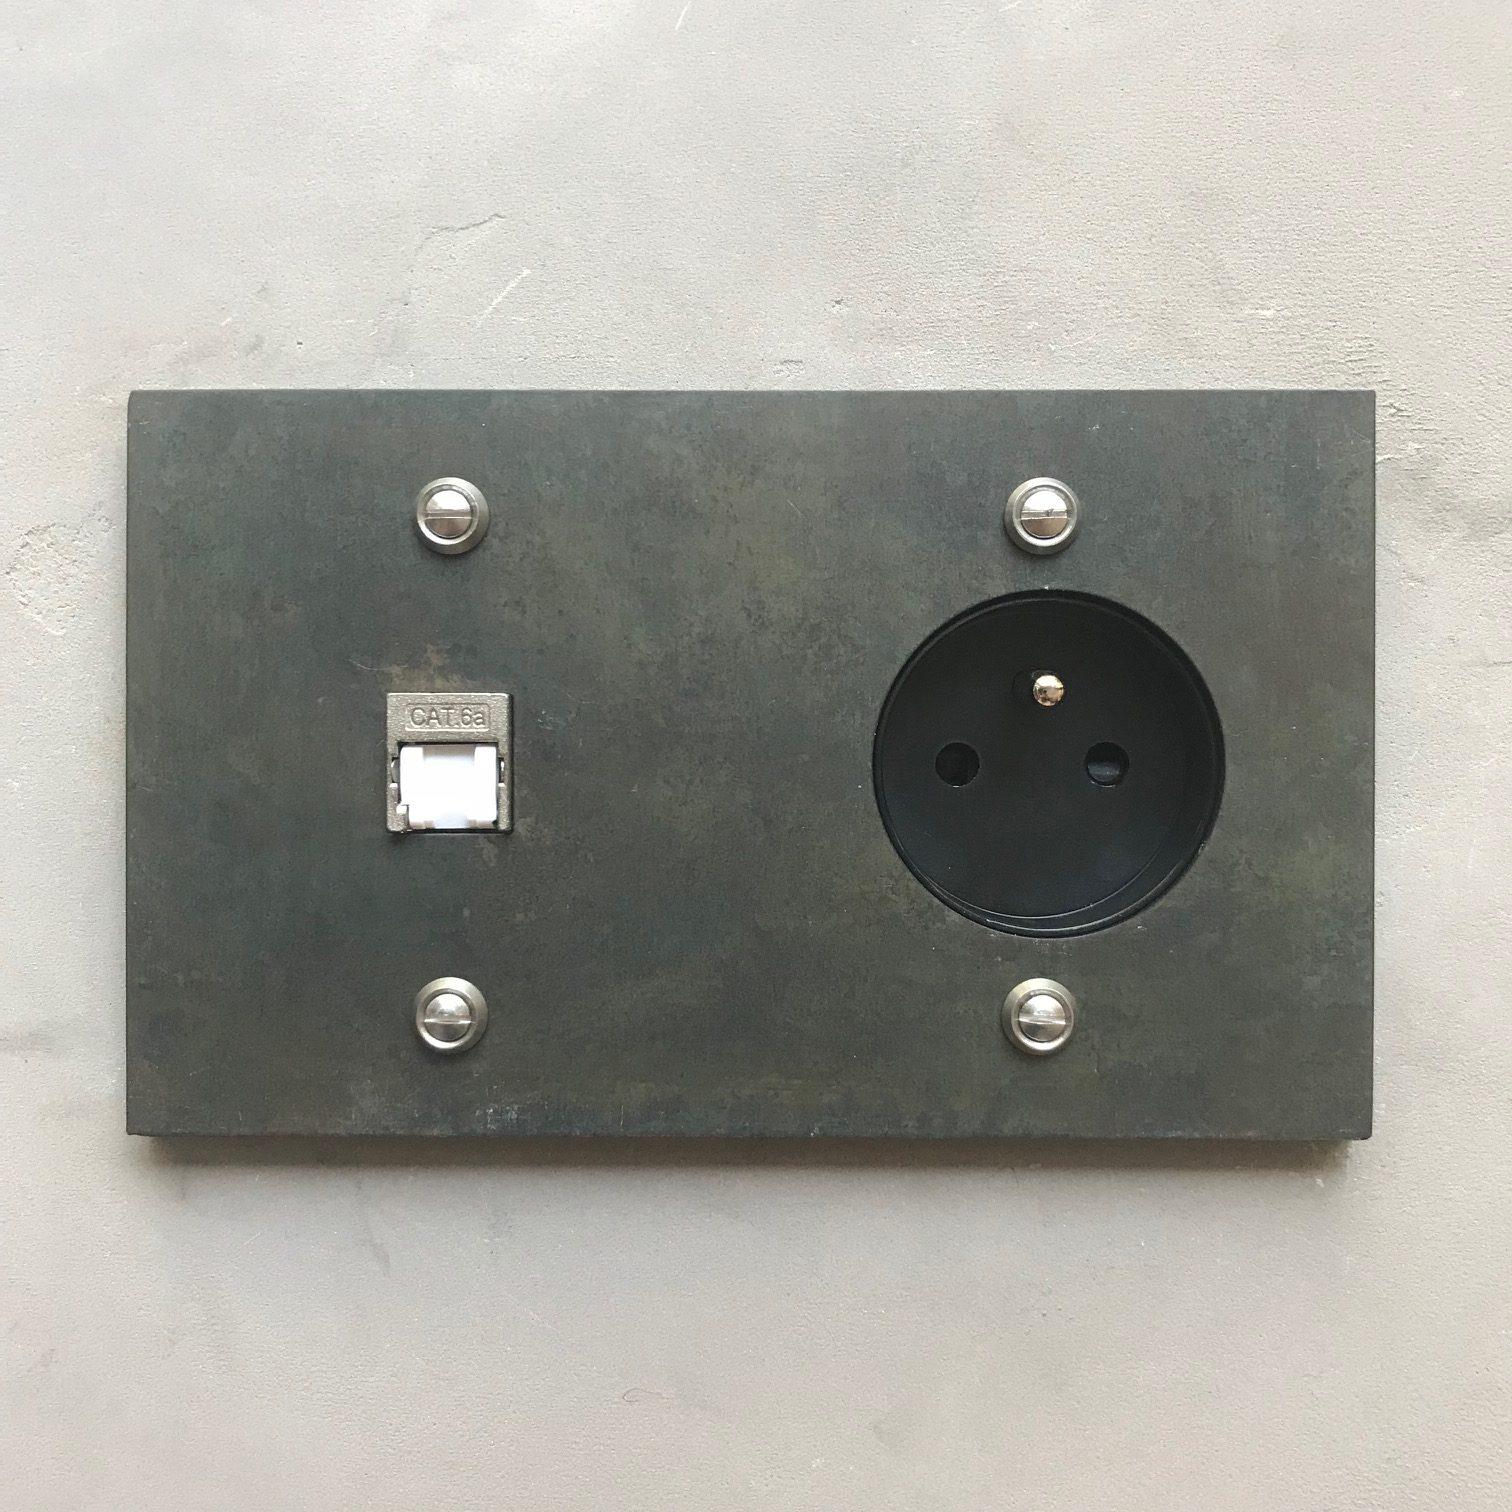 rj45 acier rectangle interrupteurs et prises au design r tro pour une d co vintage. Black Bedroom Furniture Sets. Home Design Ideas